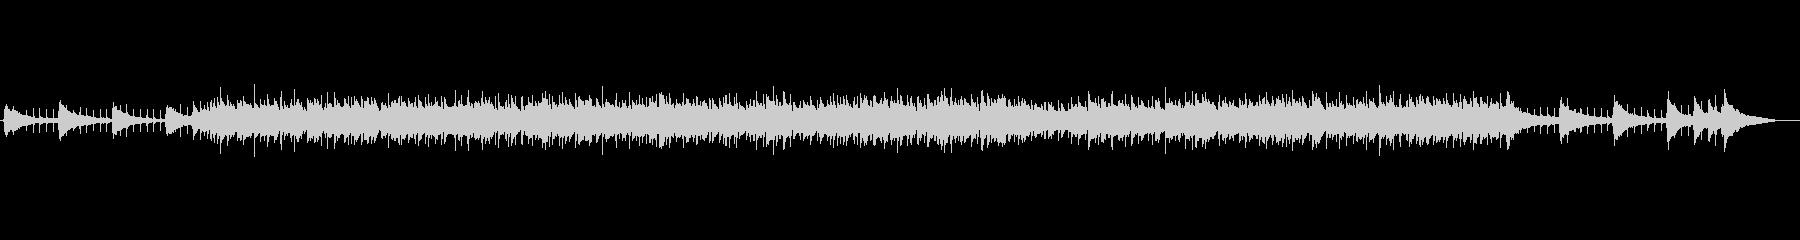 開放感のあるアコギのロック調の未再生の波形